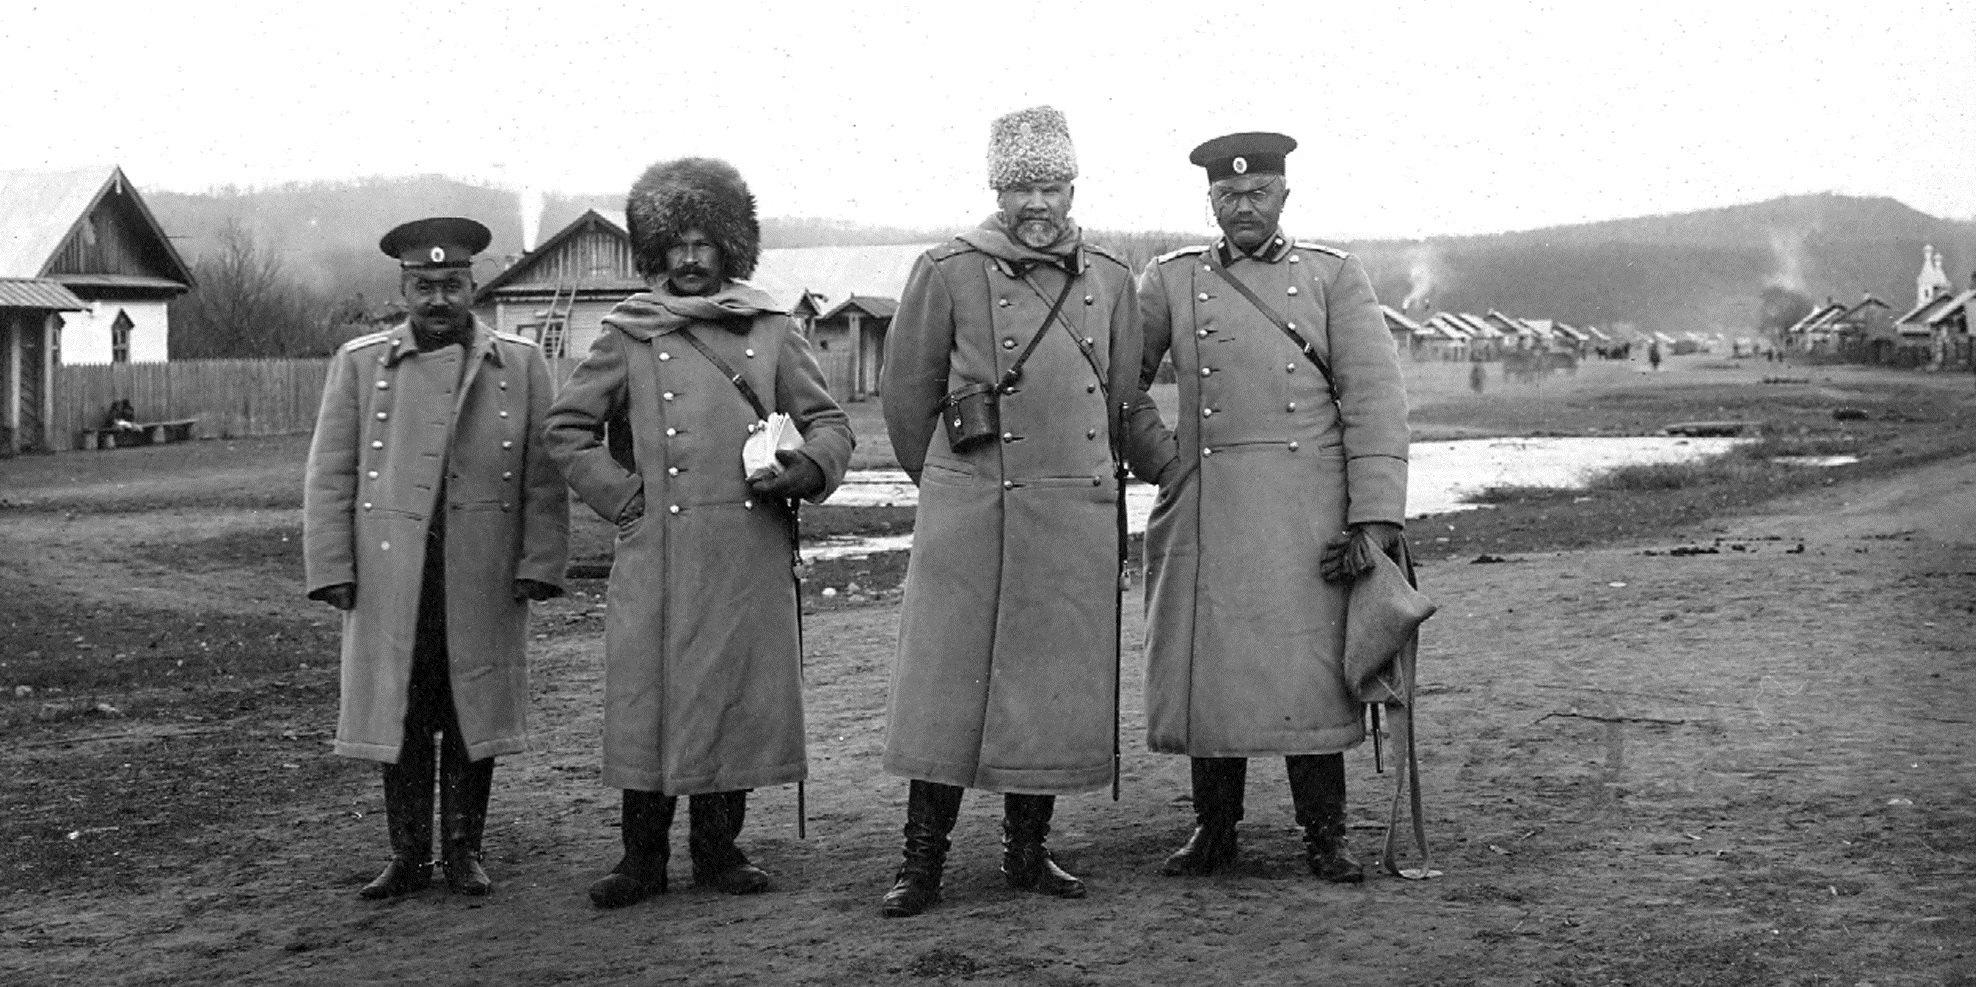 Начальник Штаба Владивостокской крепости генерал-майор А.П. Будберг (первый справа) и комендант